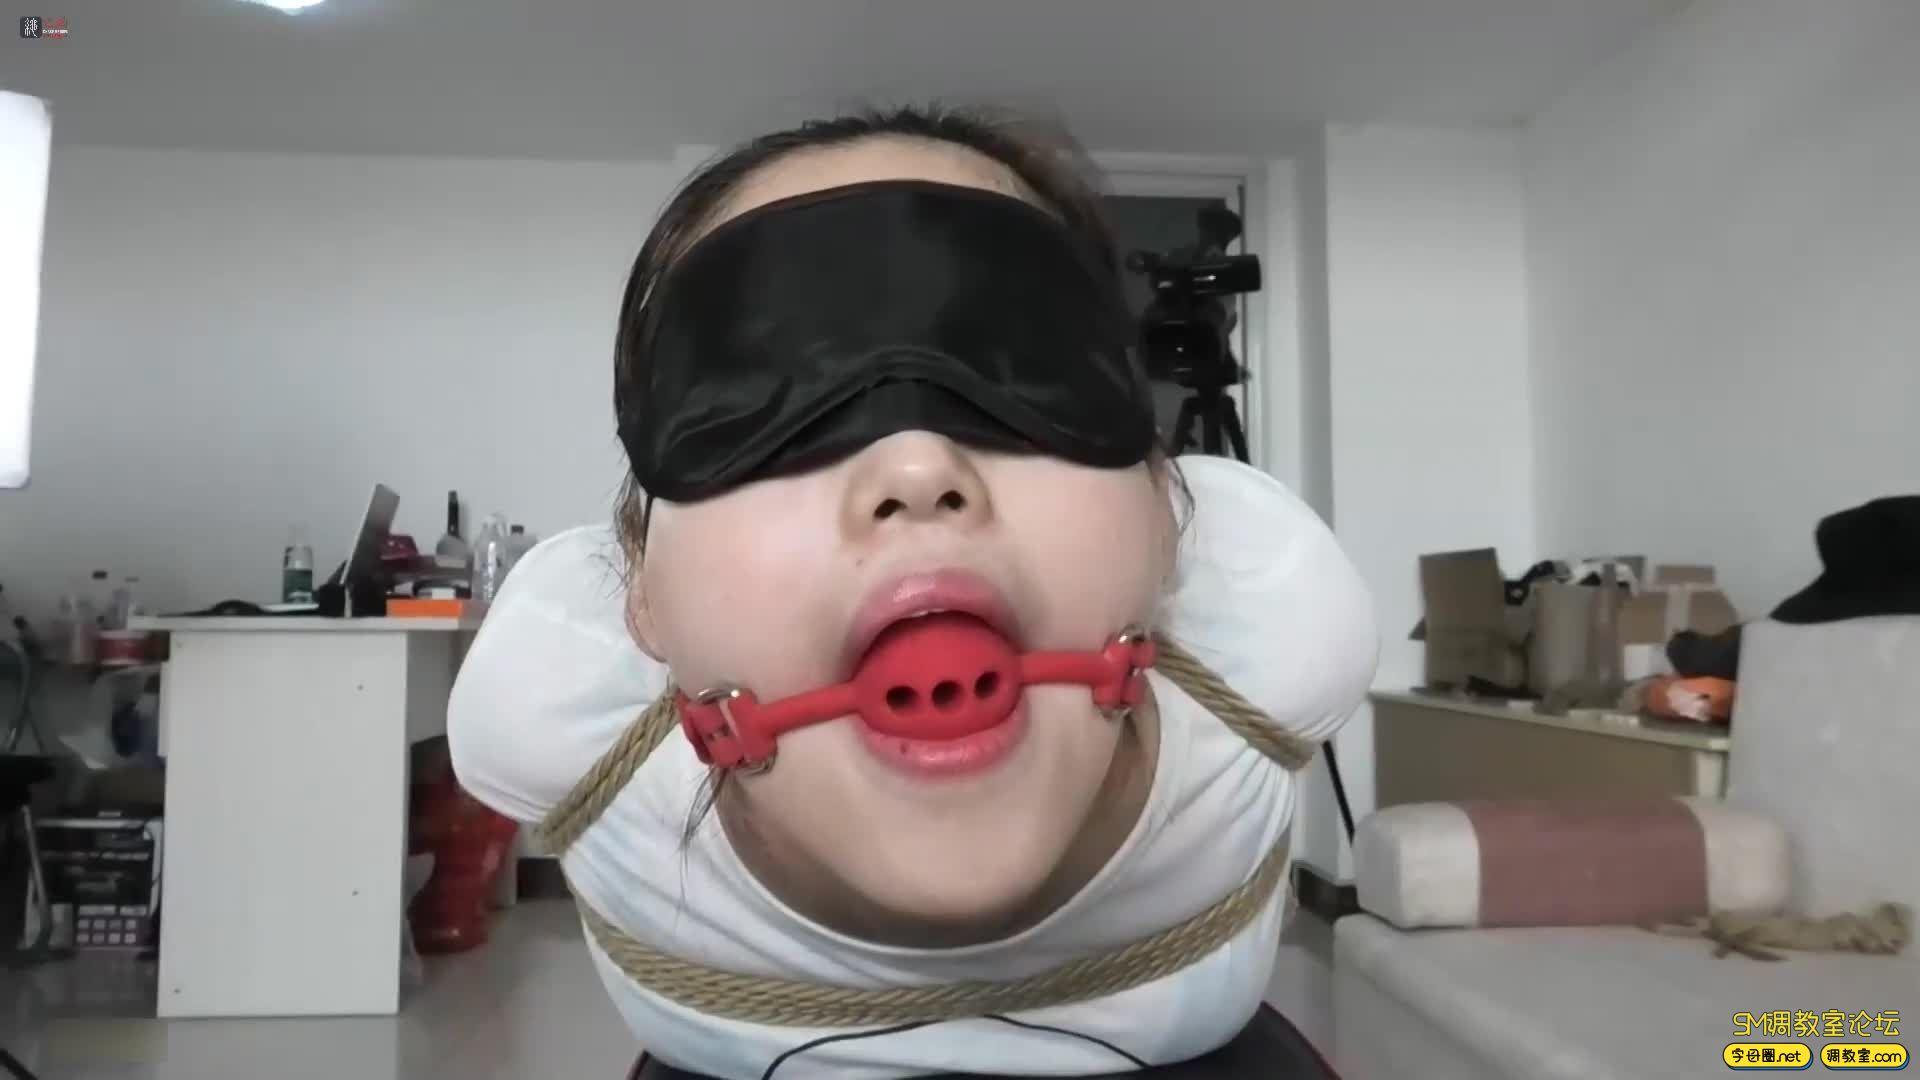 绳之韵_小萝莉灵儿新作 职业装黑丝 后手观音缚 驷马-视频截图4